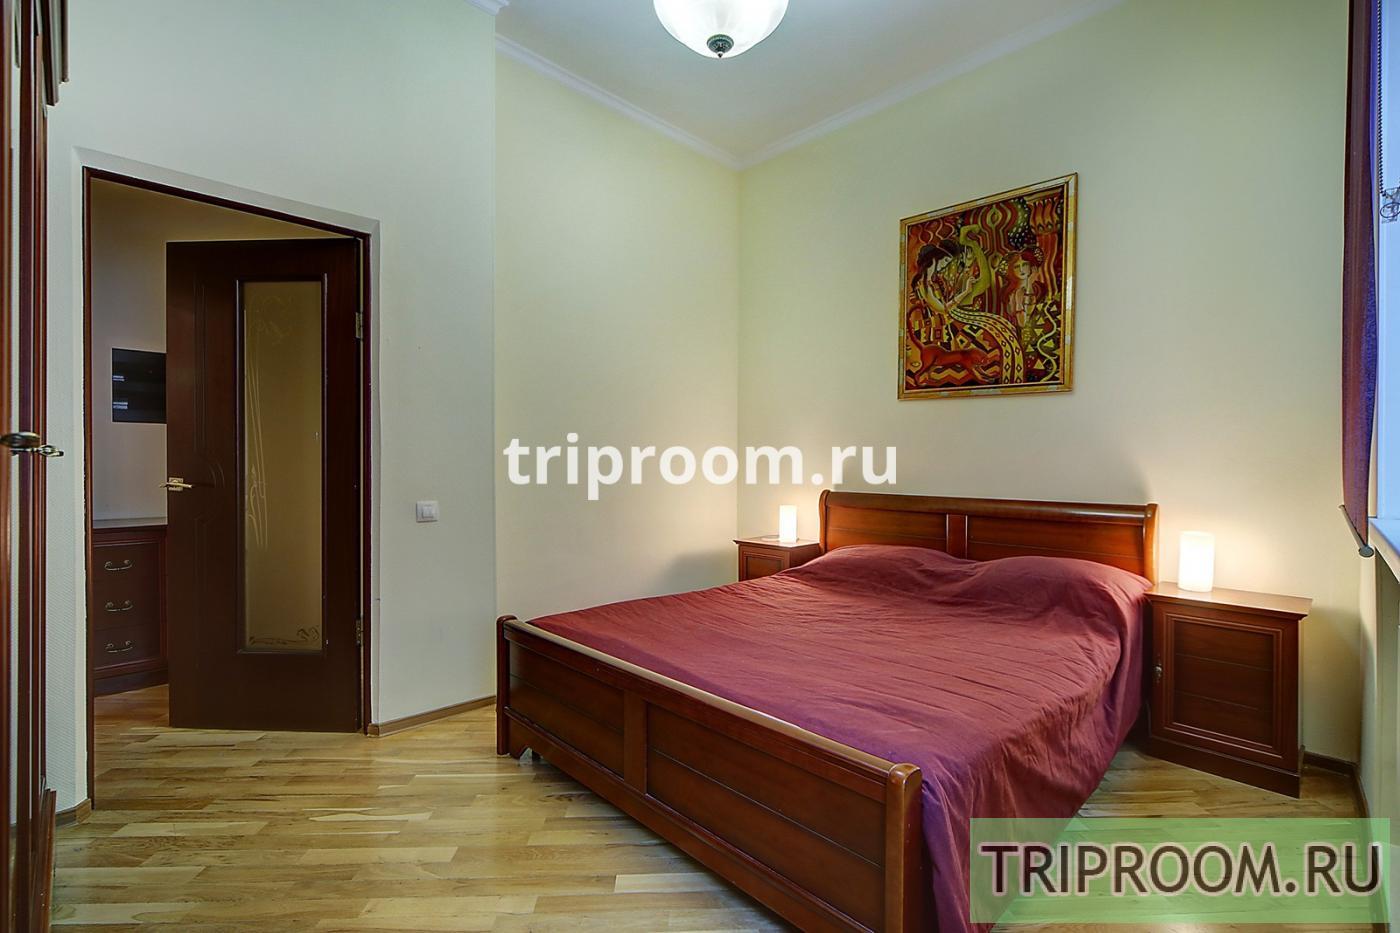 2-комнатная квартира посуточно (вариант № 15116), ул. Большая Конюшенная улица, фото № 13